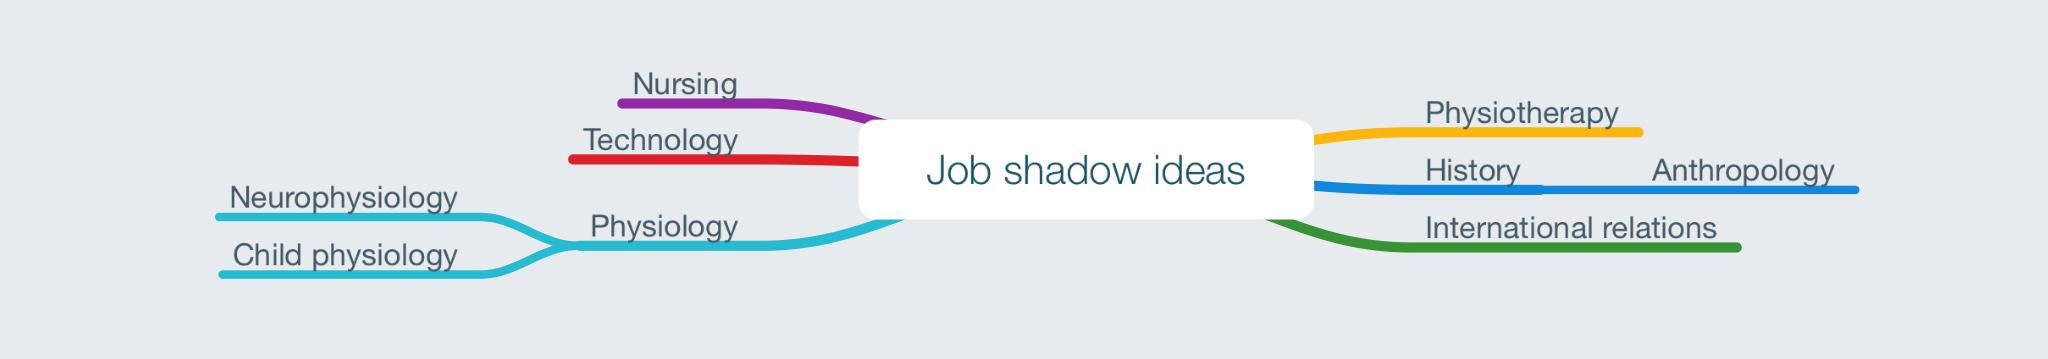 ePACT Job Shadow | Sofia's Blog